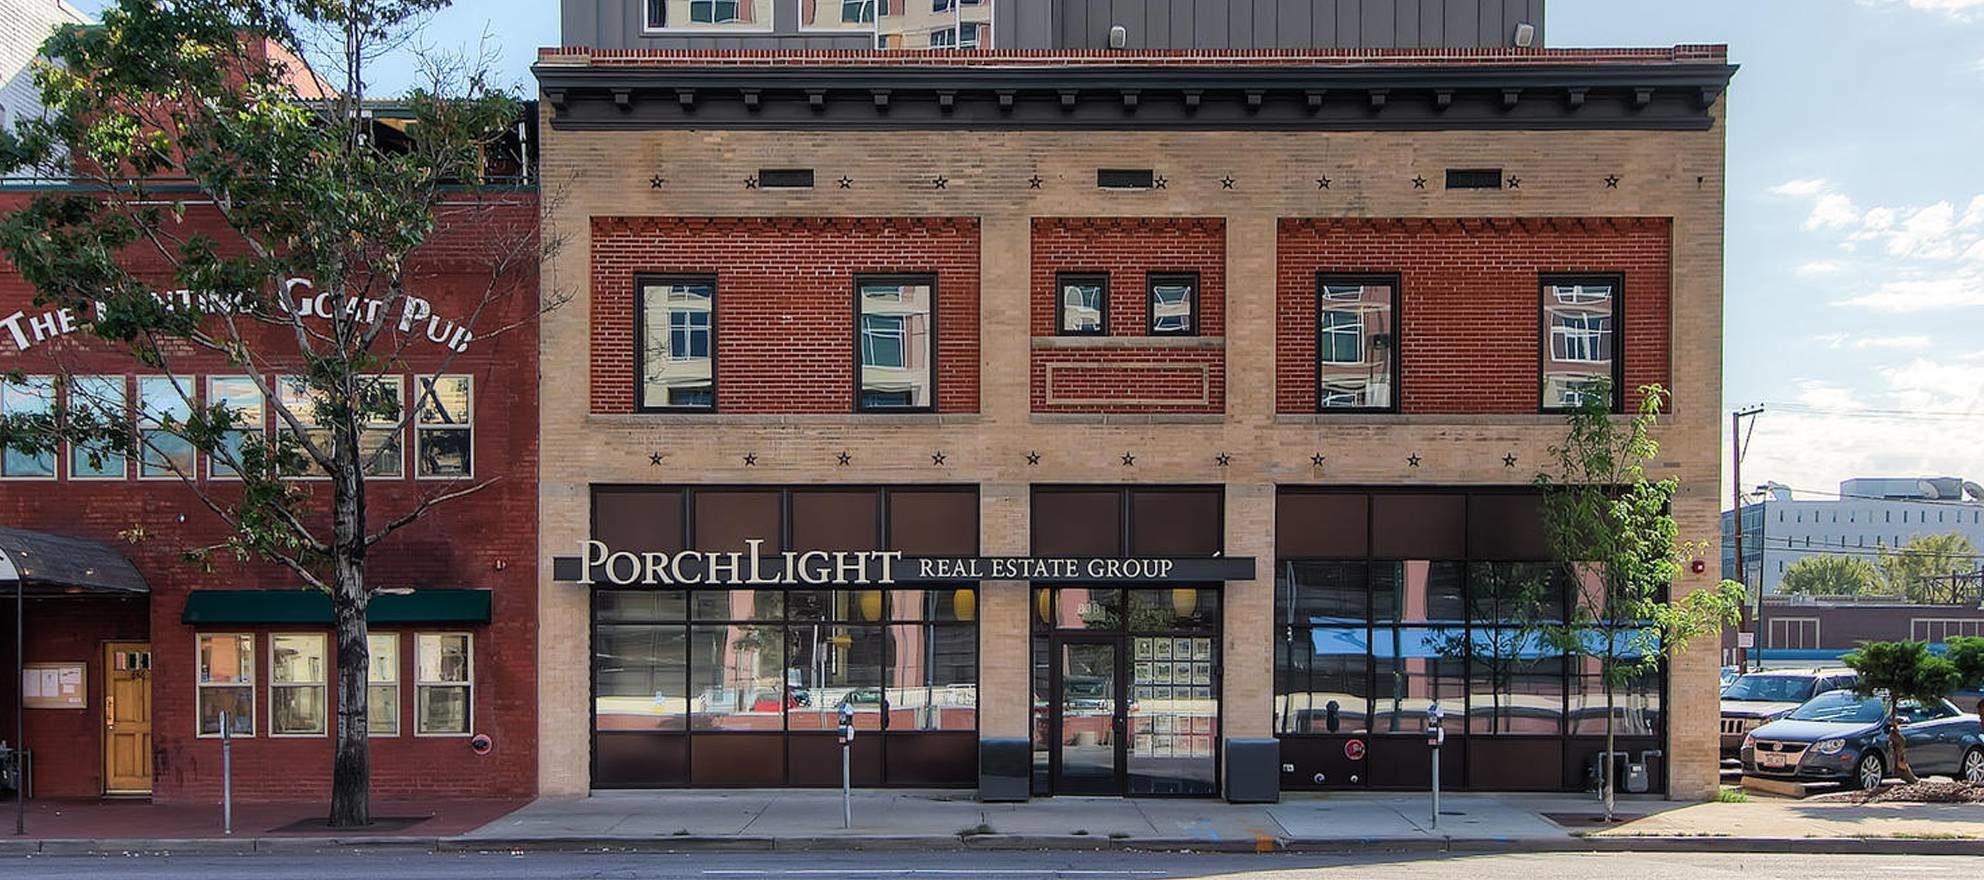 Denver broker PorchLight Real Estate Group tweaks model to generate more referrals